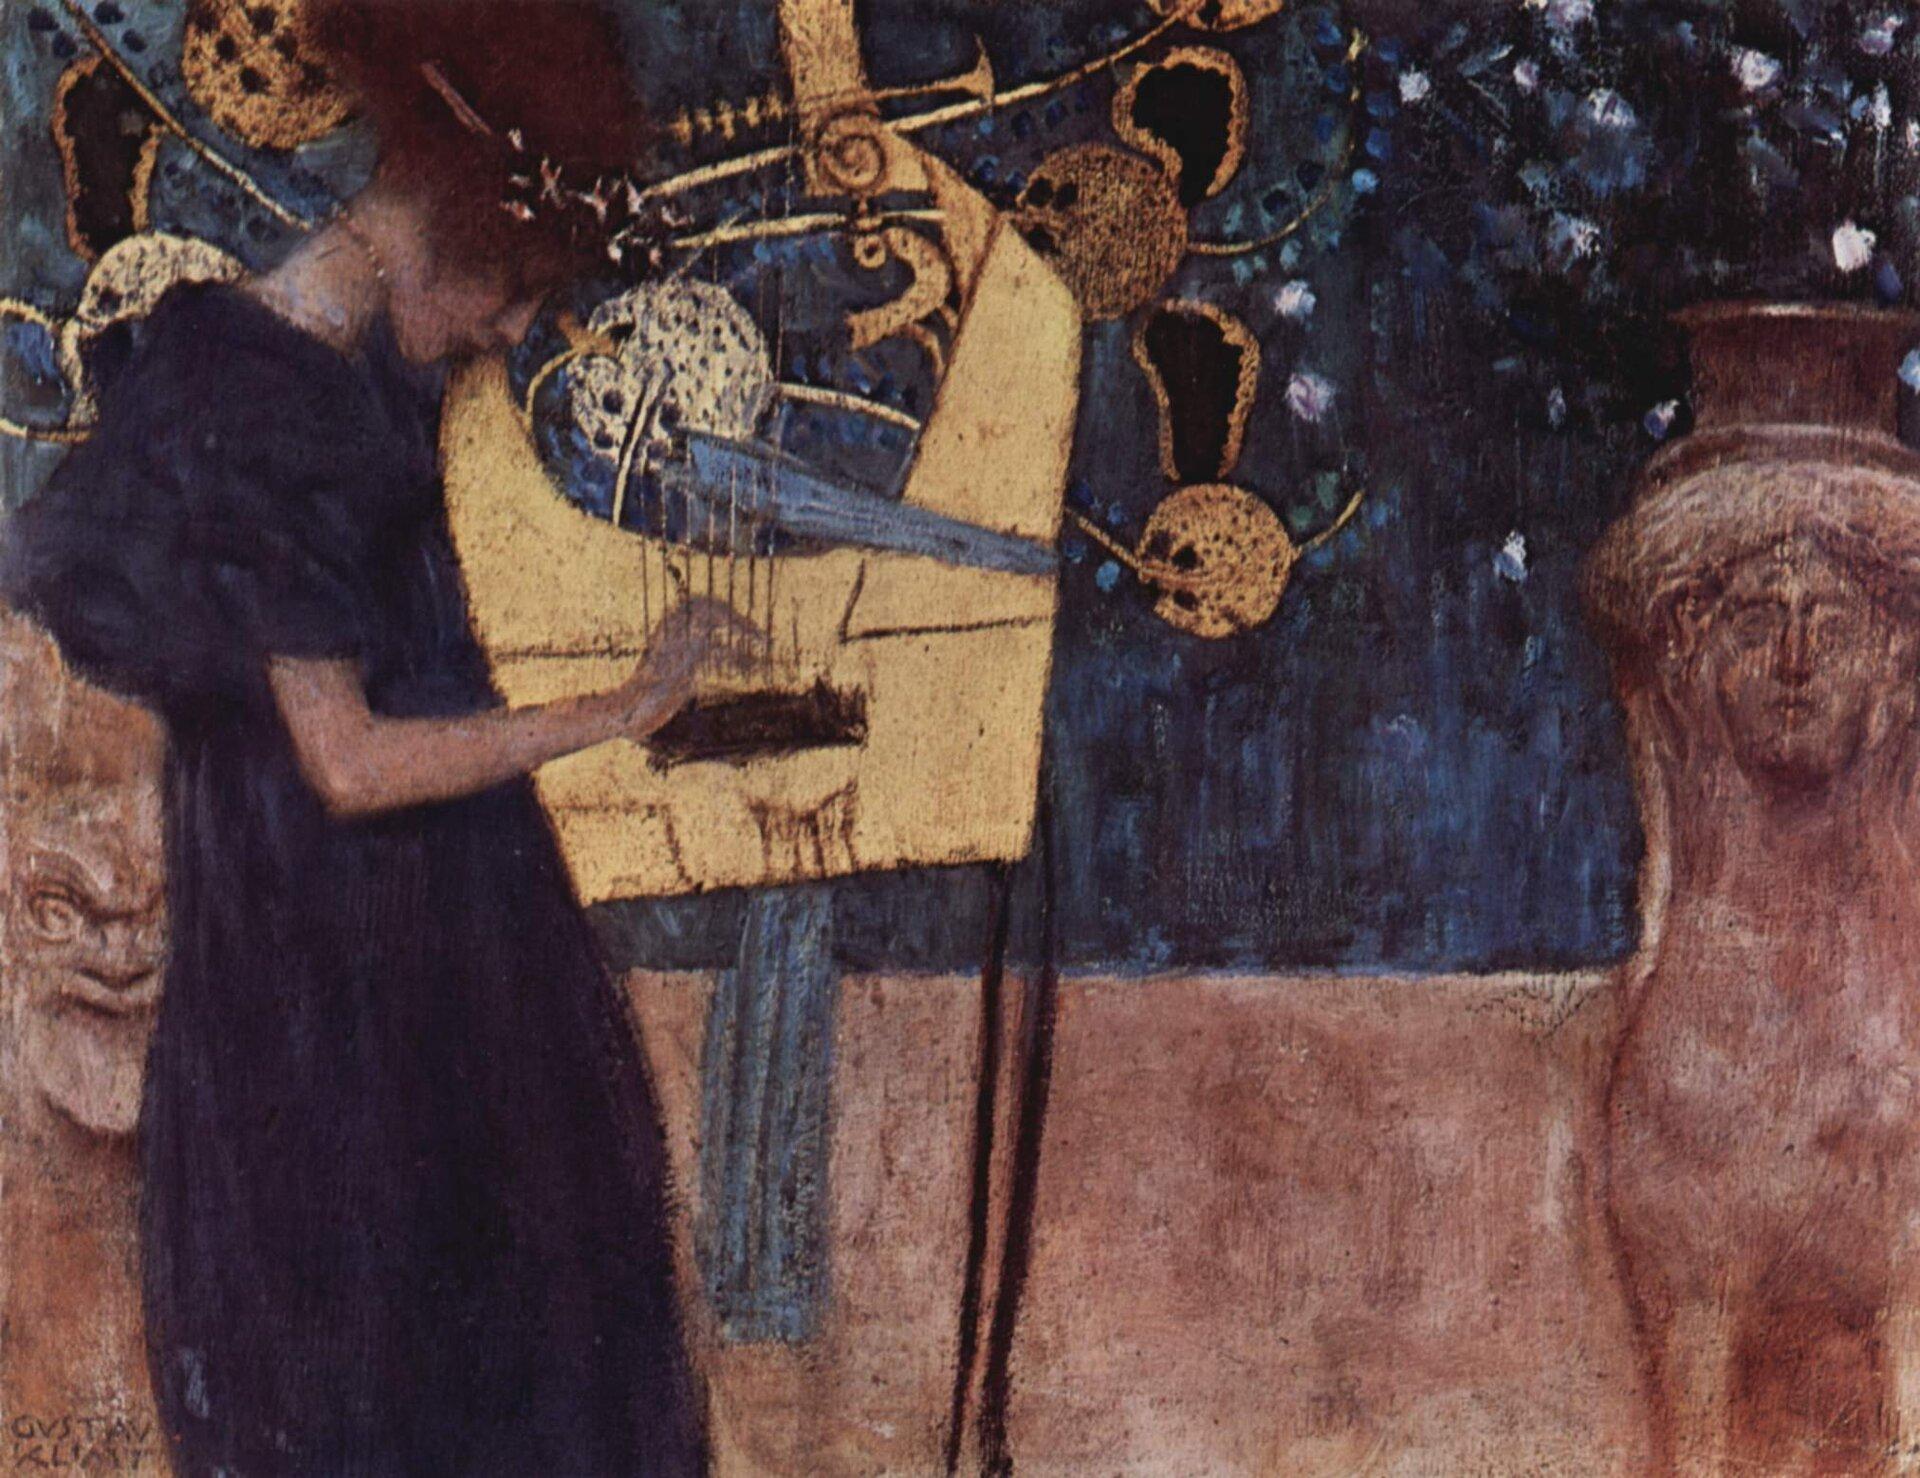 """Ilustracja przedstawia obraz """"Muzyka I"""" autorstwa Gustawa Klimty. Obraz ukazuje Kobietę grającą na instrumencie. Wtle widać niebieską ścianę."""